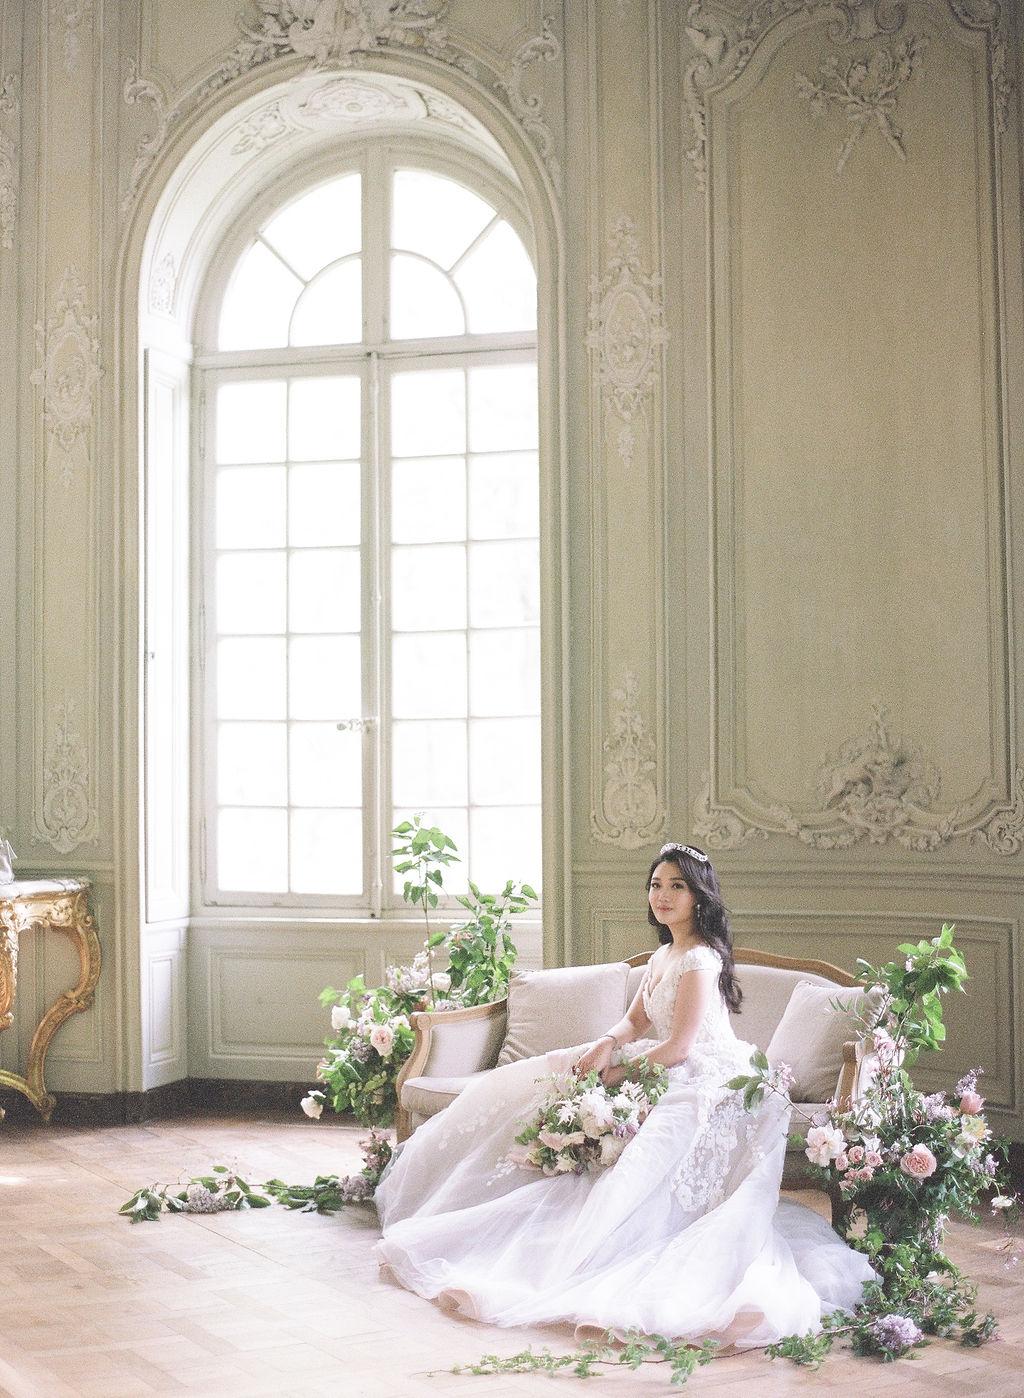 Chateau de ChantillyParis, France - Karen & Sam